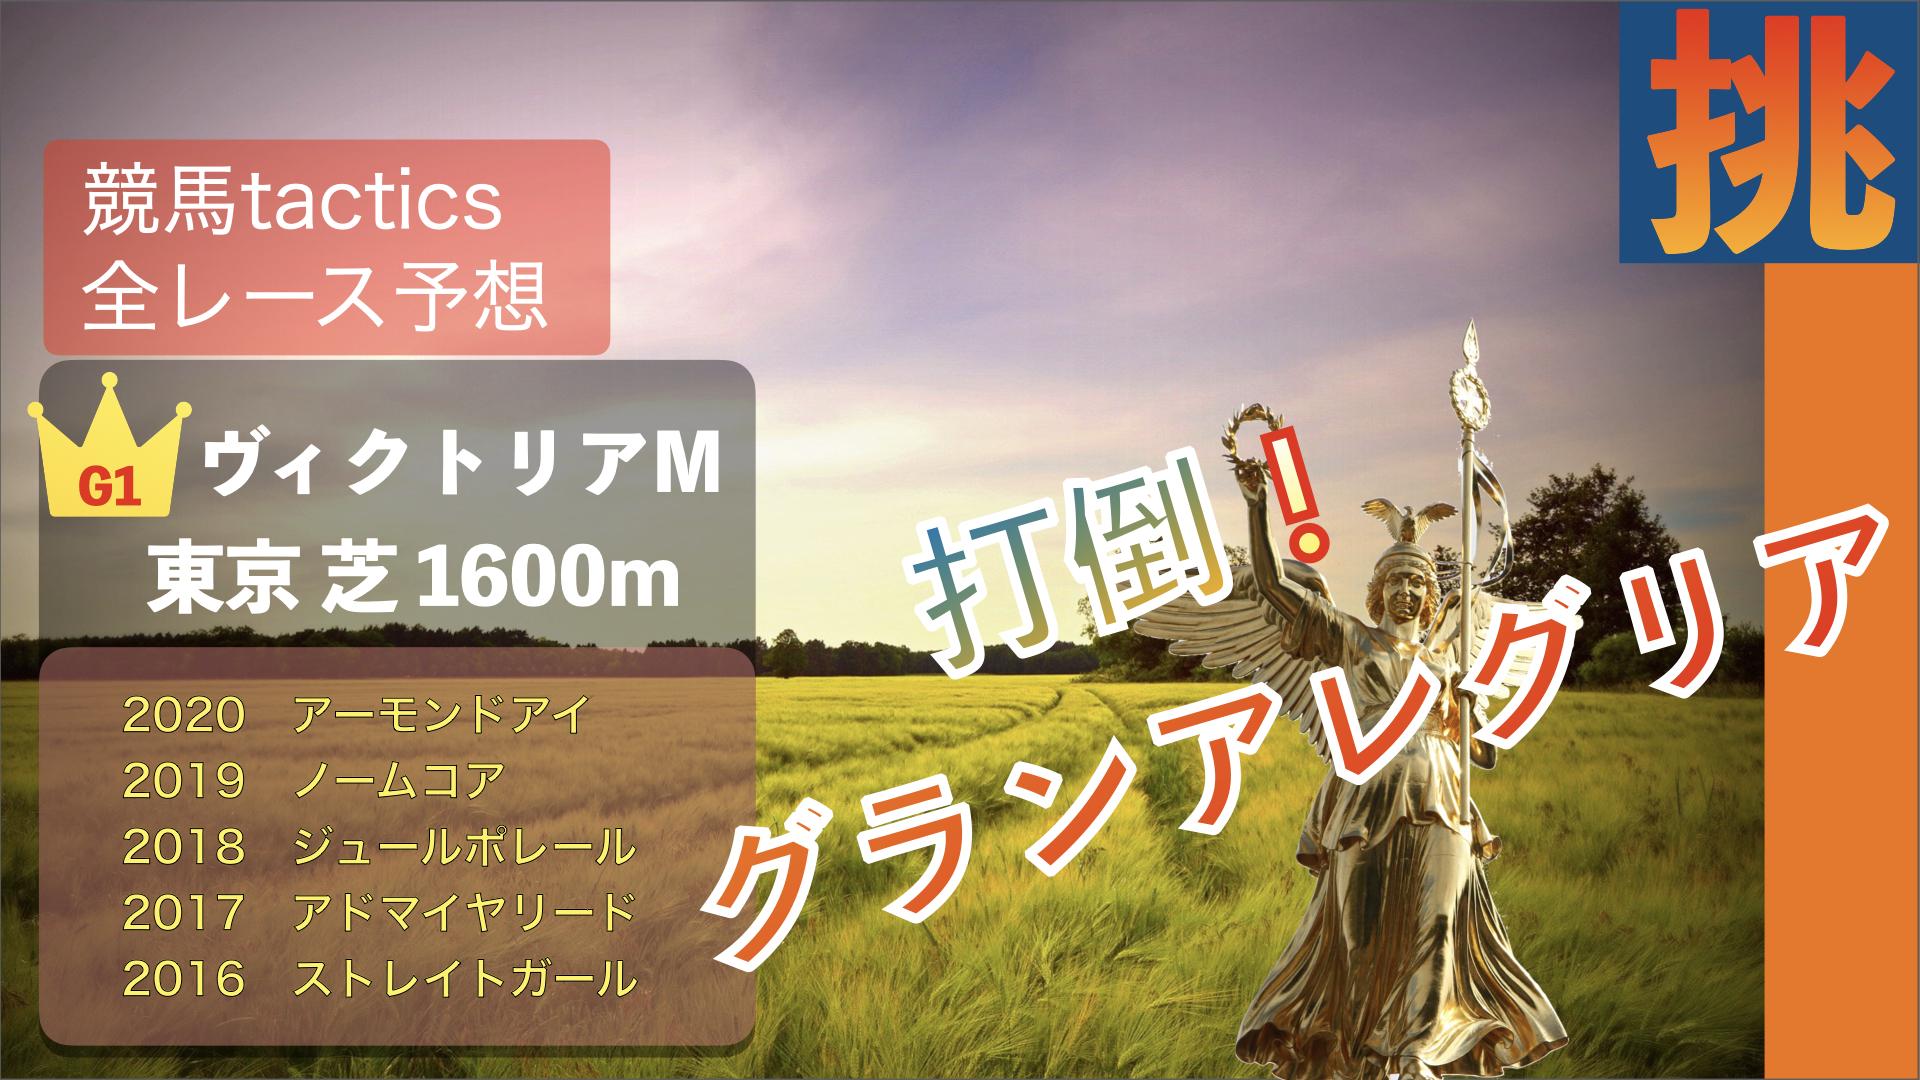 2021.5.16(日)第16回ヴィクトリアマイル(G1)東京競馬場 芝1600m 左回り